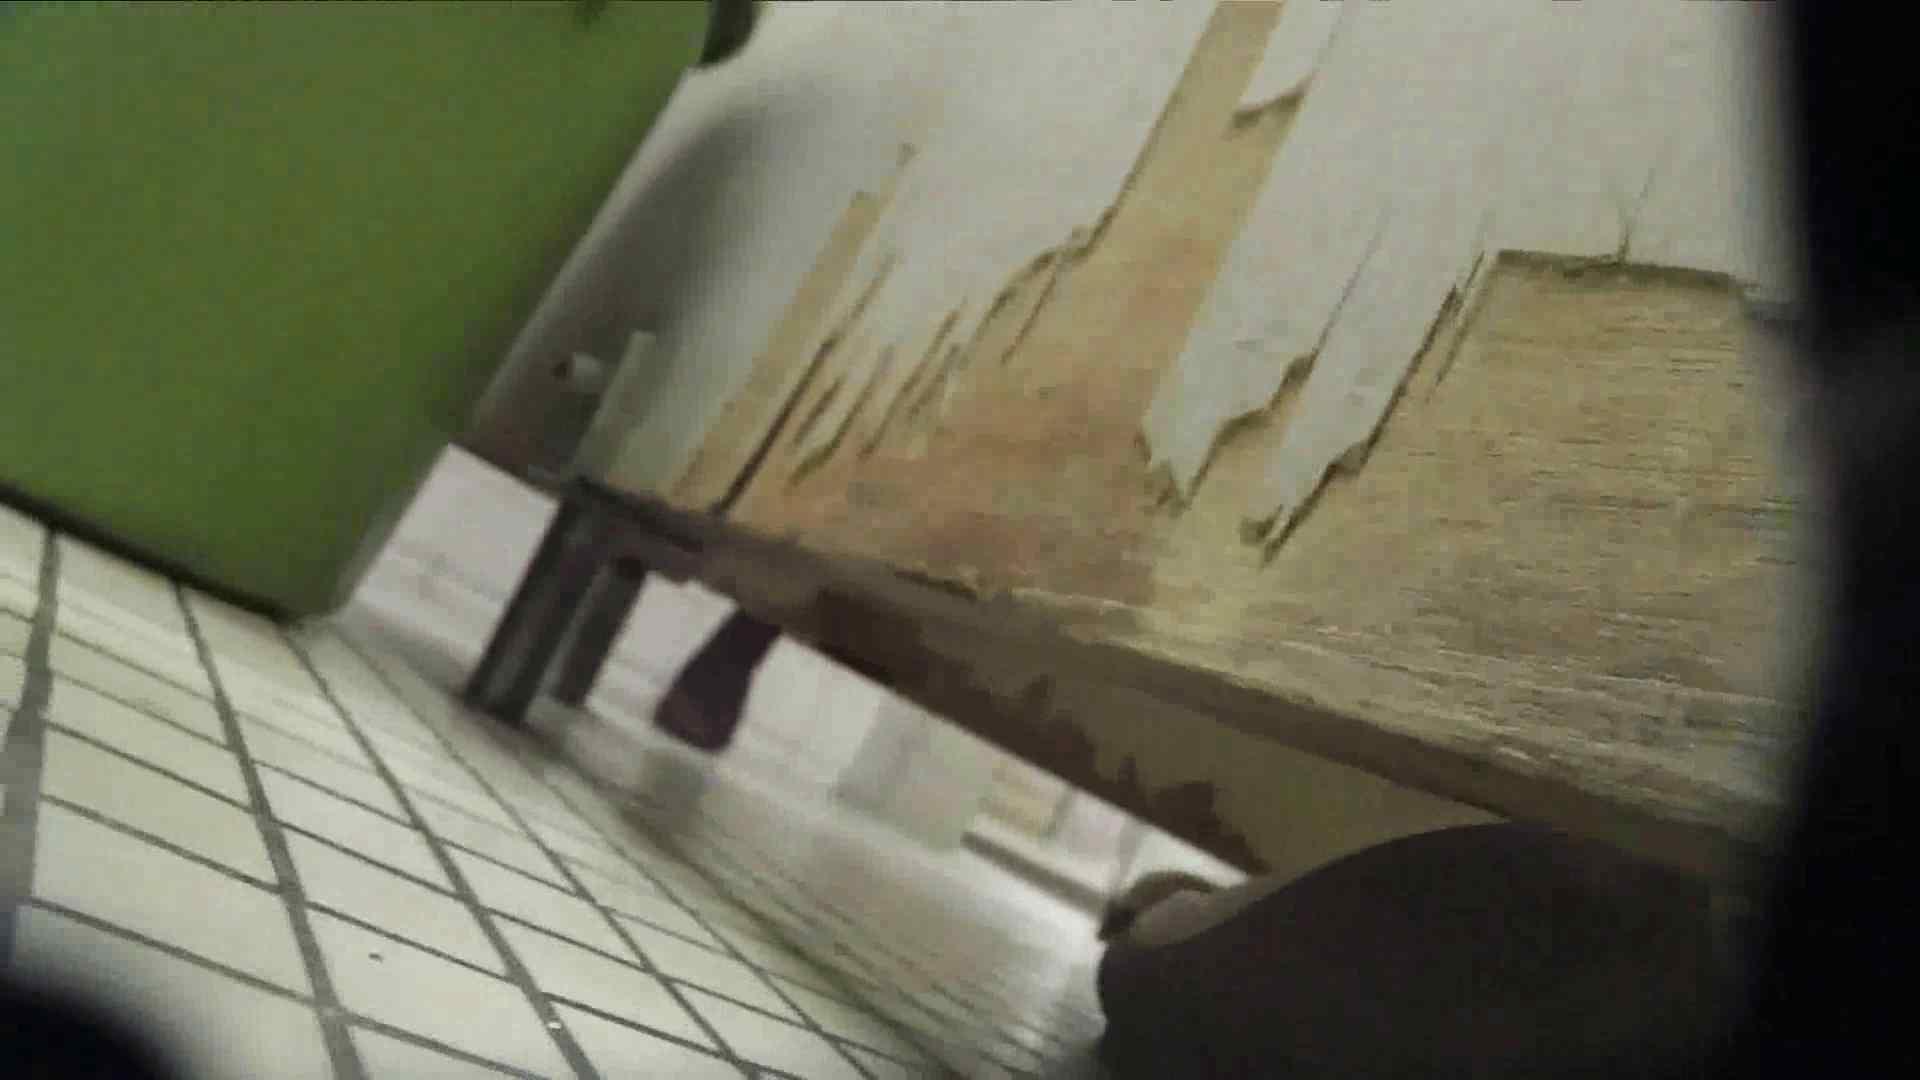 【美しき個室な世界】 vol.017 (゜∀゜) 高画質動画   洗面所シーン  38画像 28